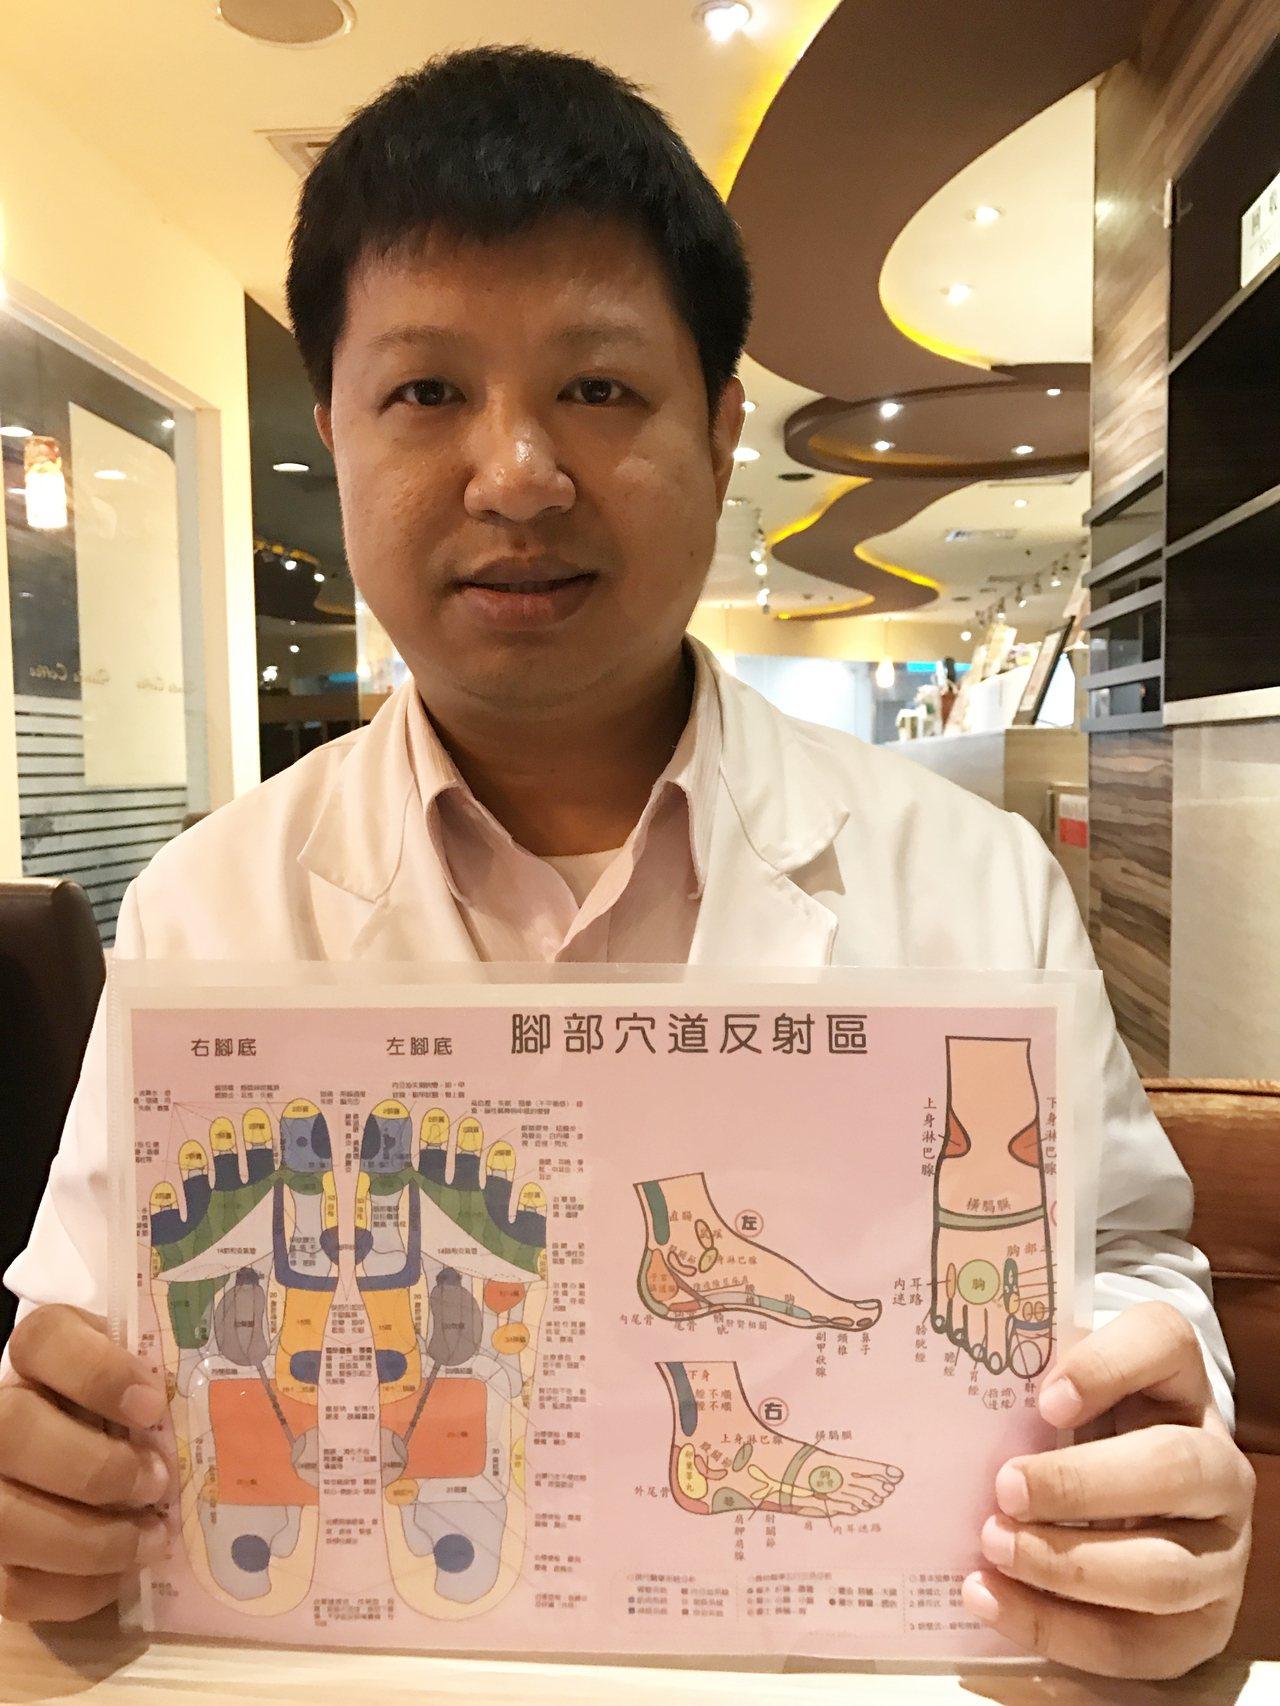 基隆長庚紀念醫院中醫科主任黃澤宏說,現有的醫學儀器仍有量測不到的地方,可以自己試...